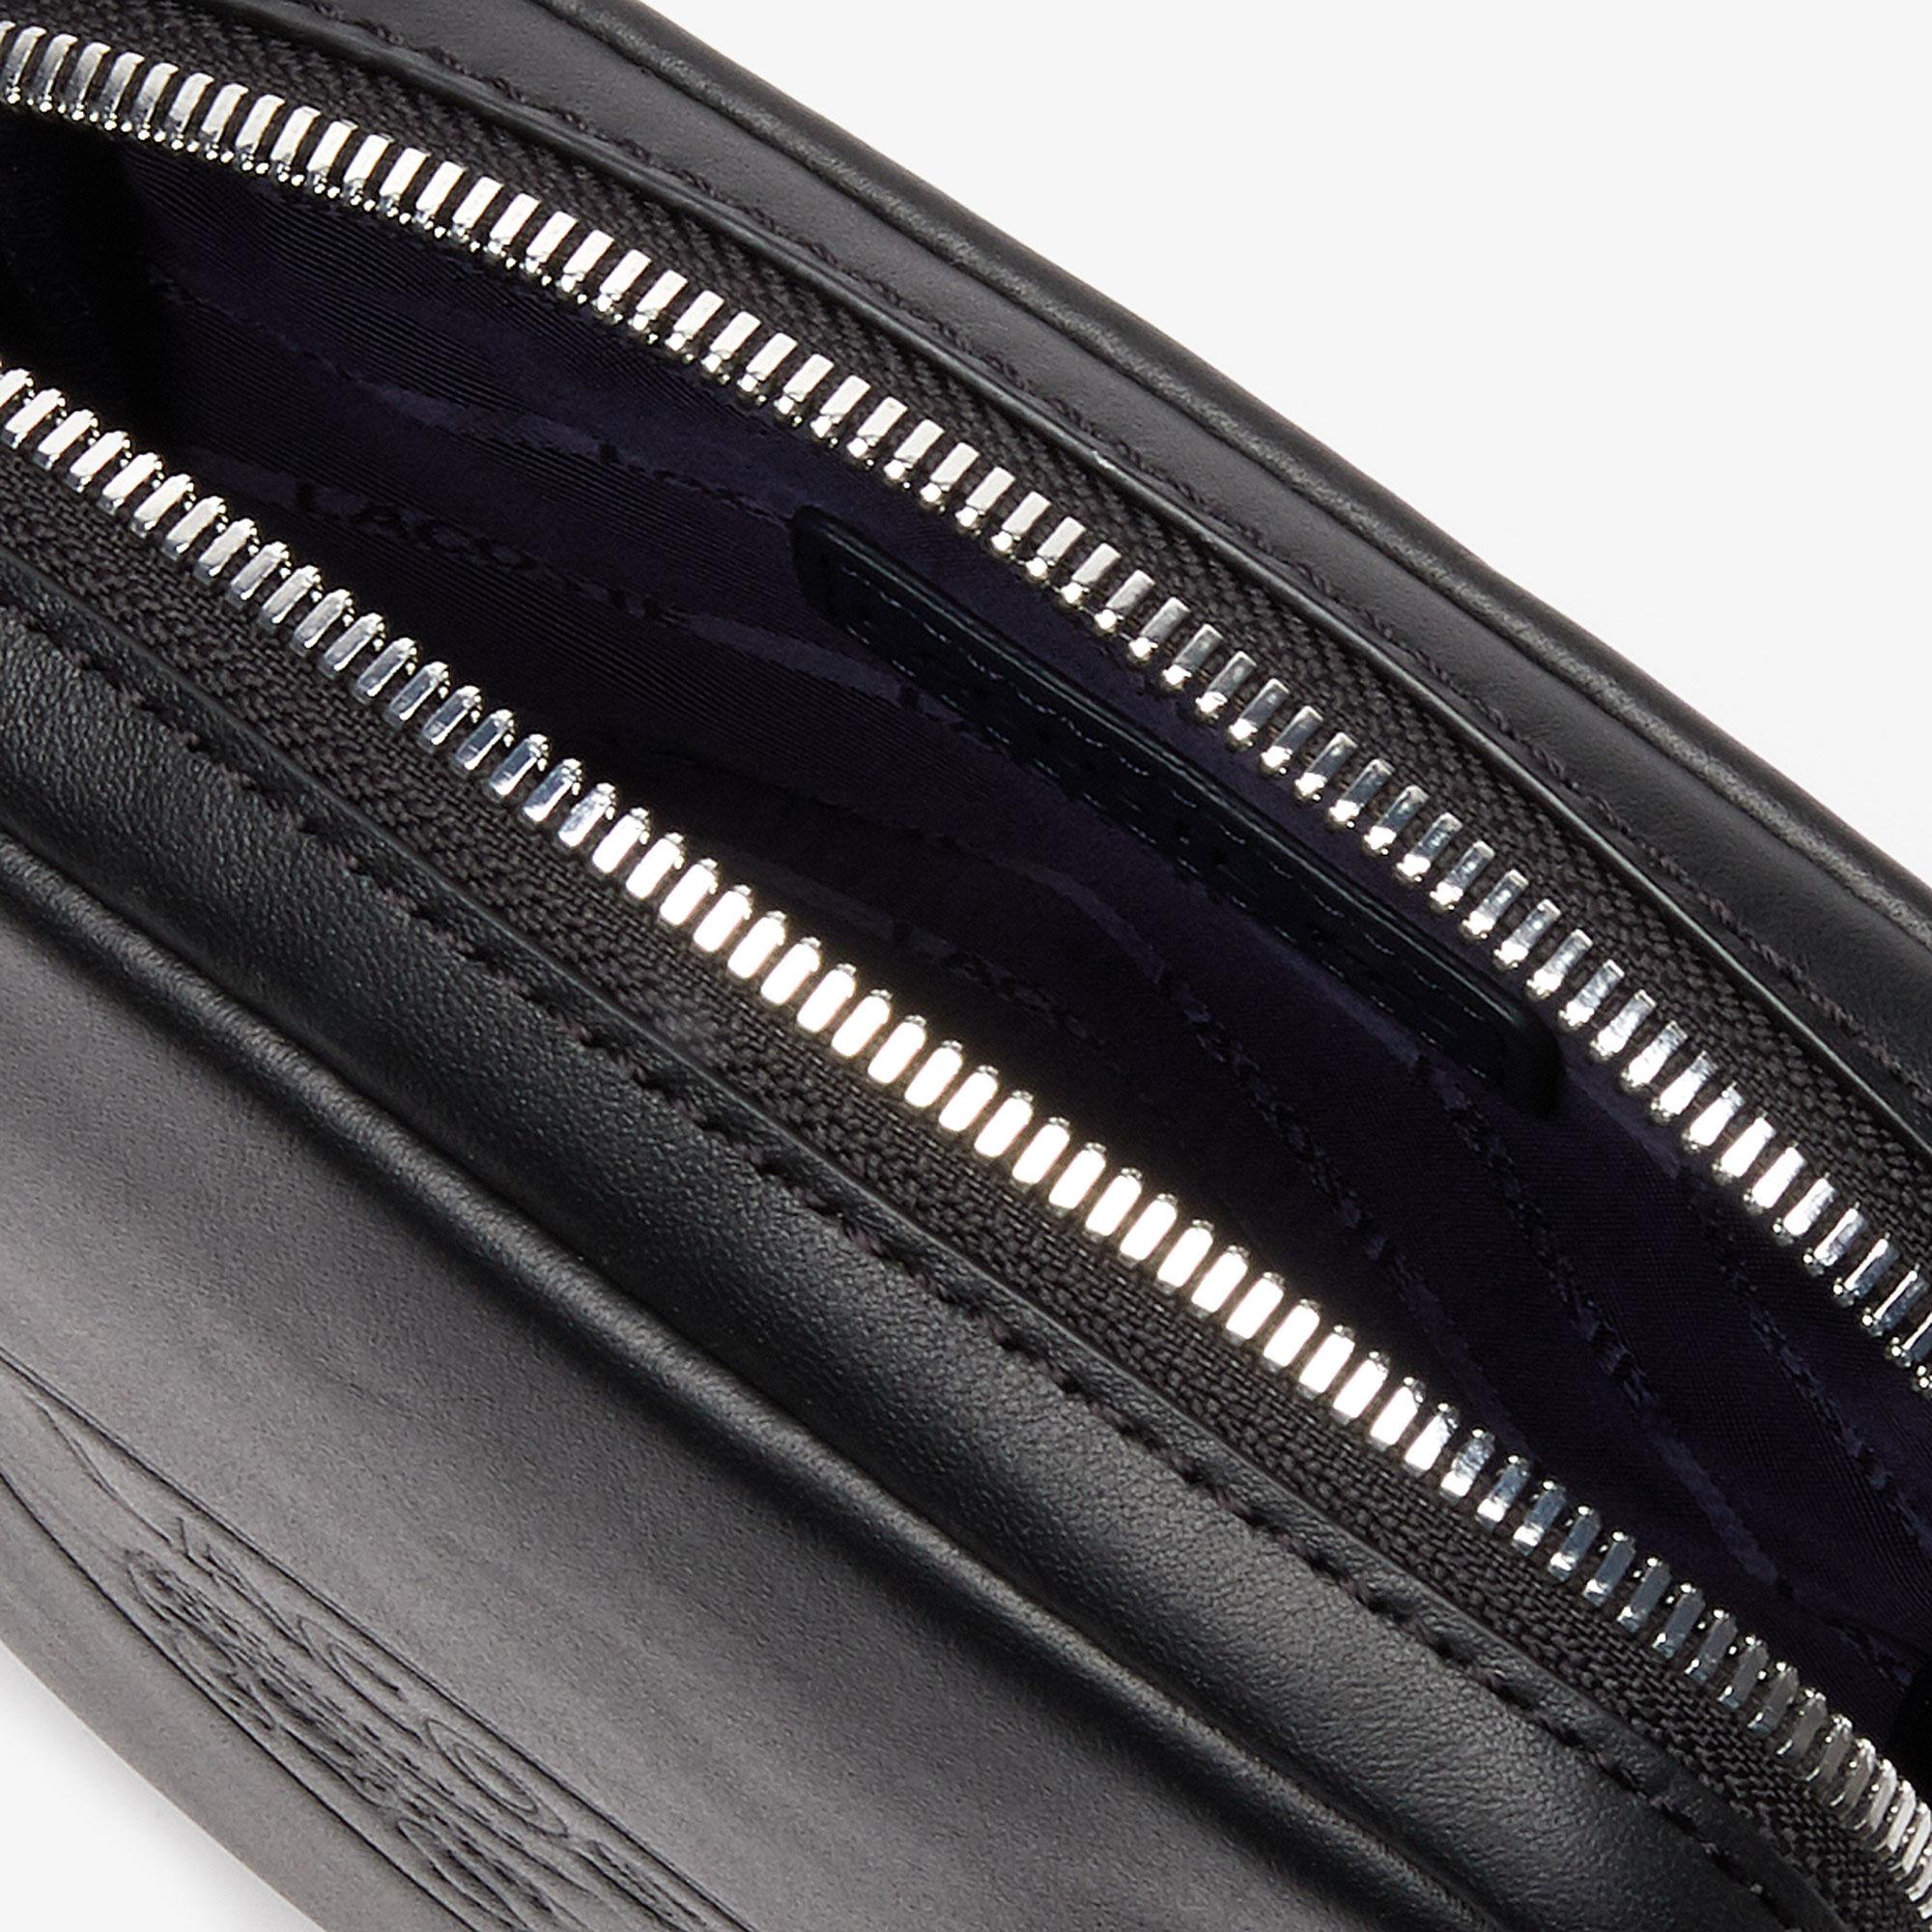 حقيبة غير رسمية عمودية الشكل للرجال مصنوعة من الجلد المزين بحروف بارزة من مجموعة L.12.12